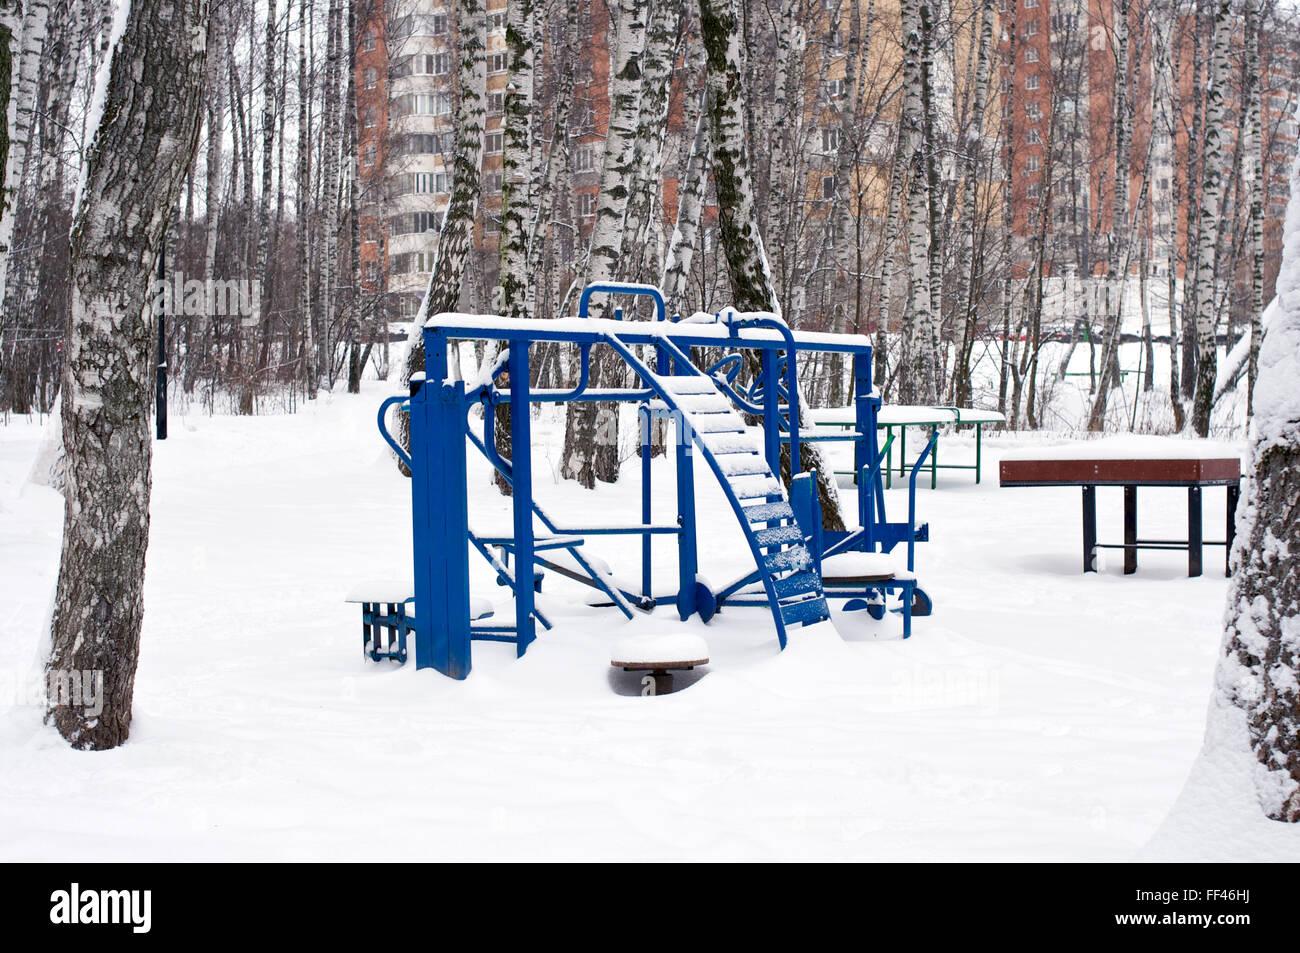 L'équipement d'exercice bleu avec beaucoup de neige Photo Stock